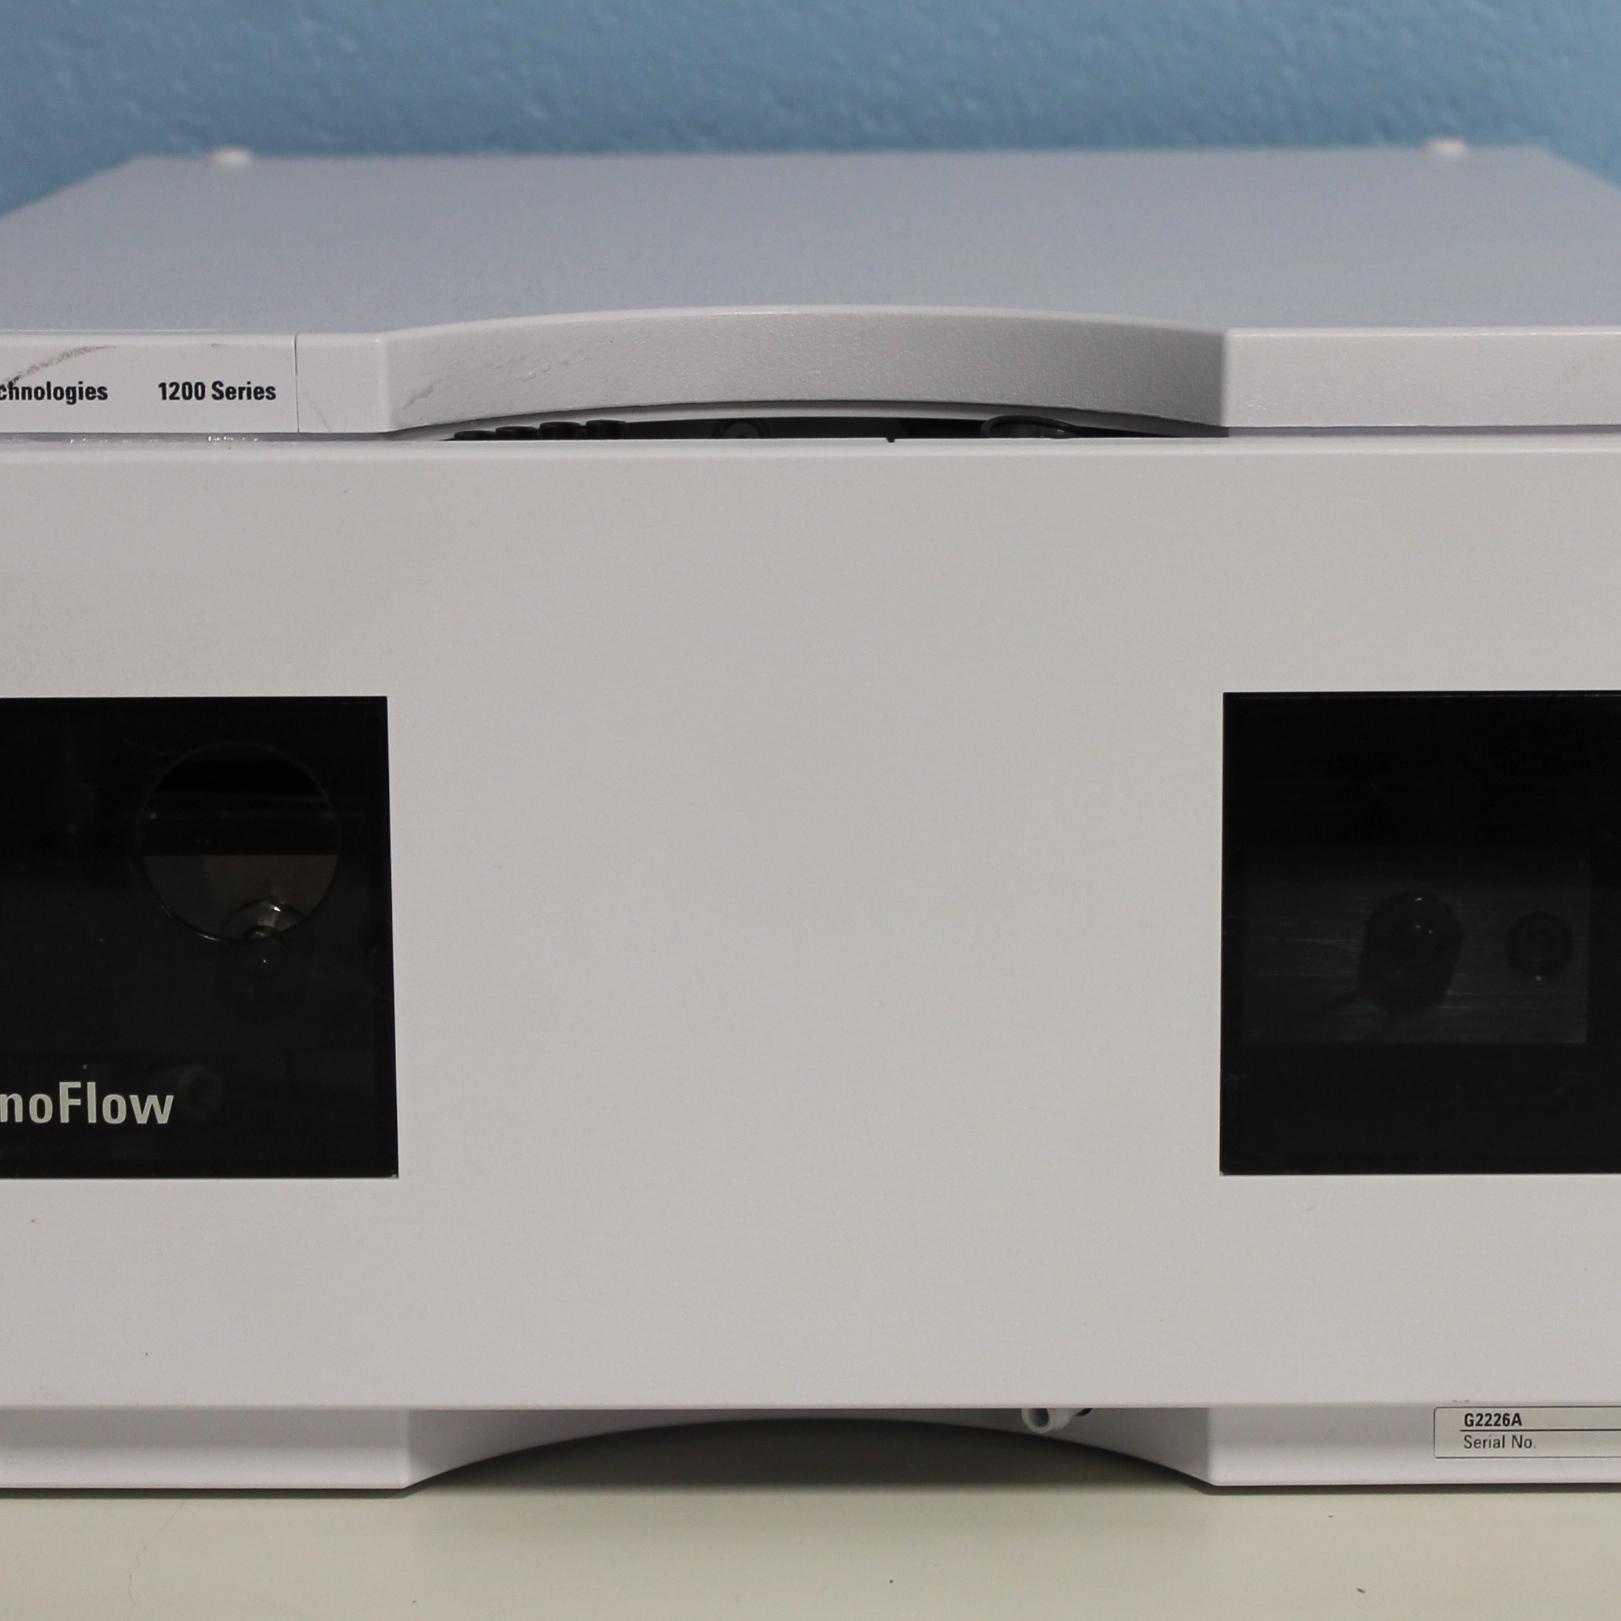 1200 Series G2226A Nano Pump